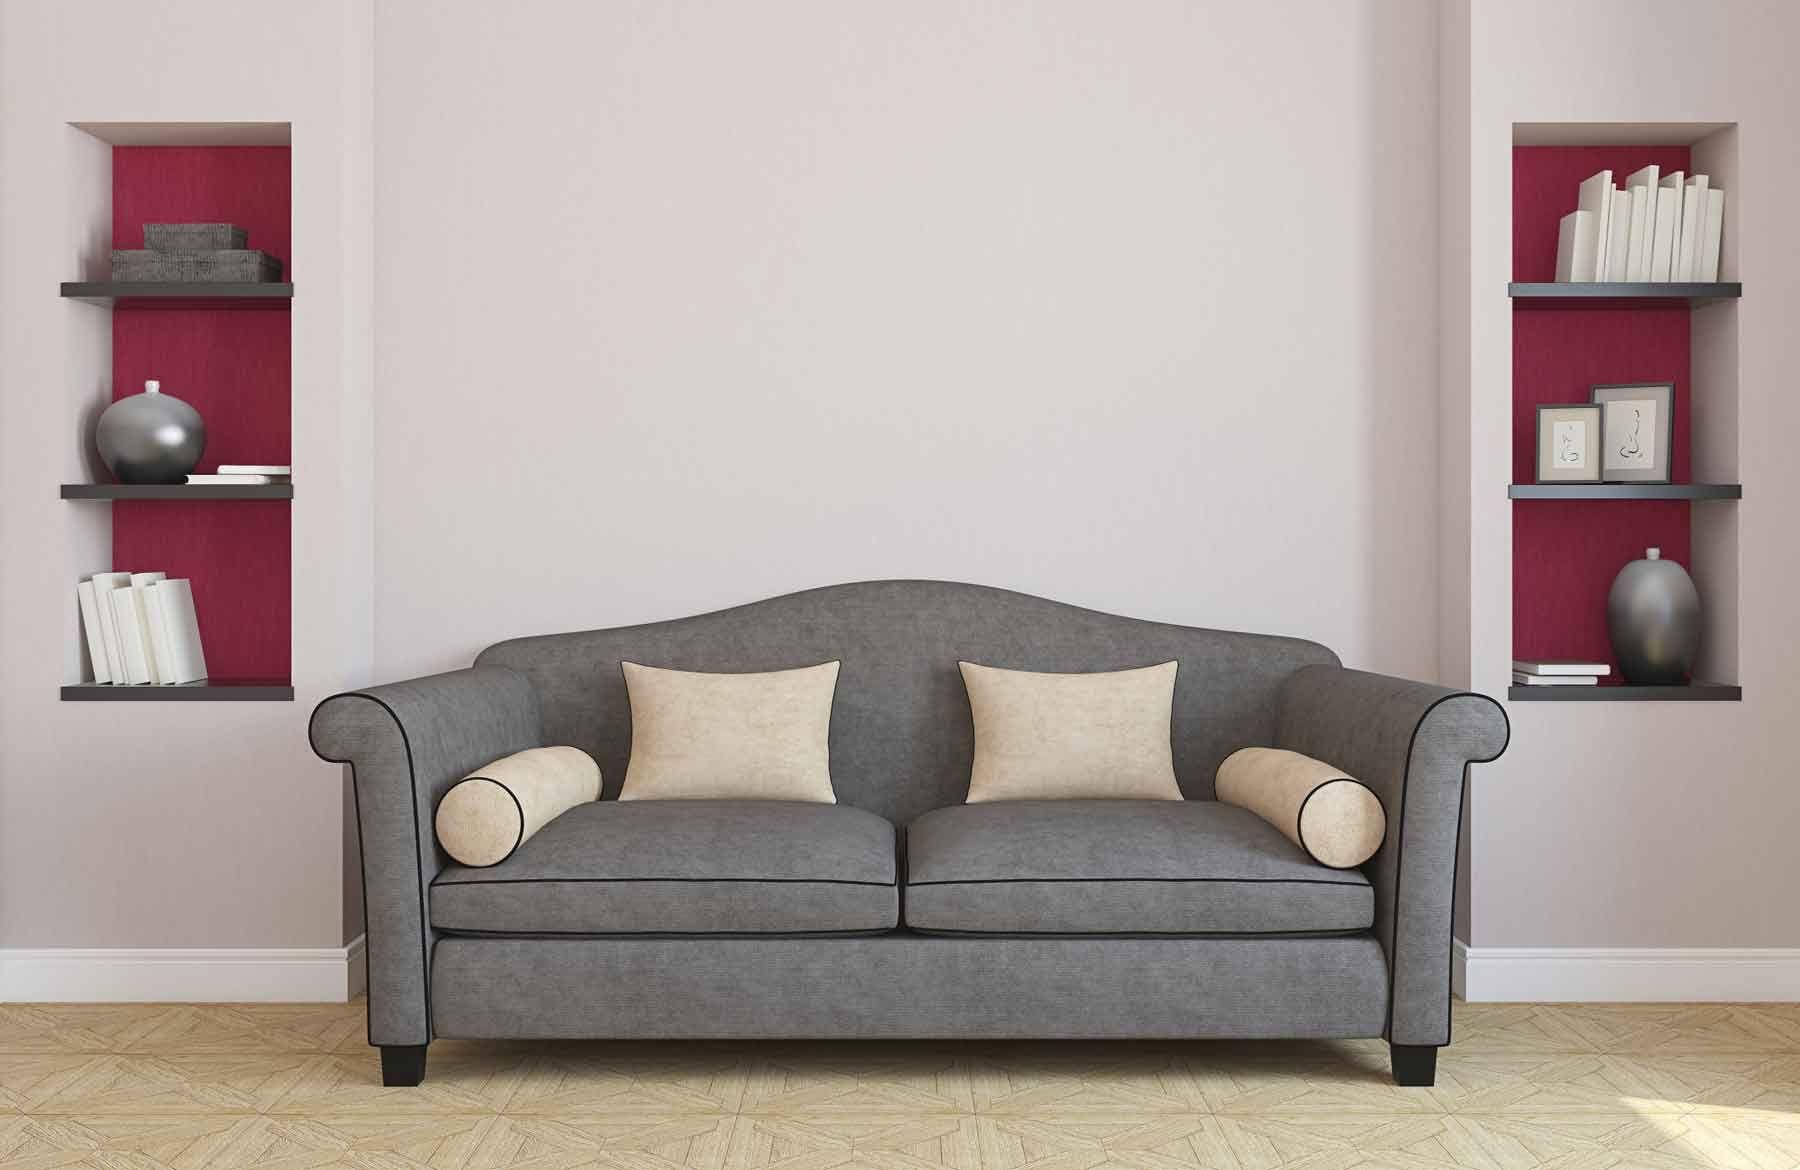 Canapé de style classique en gris